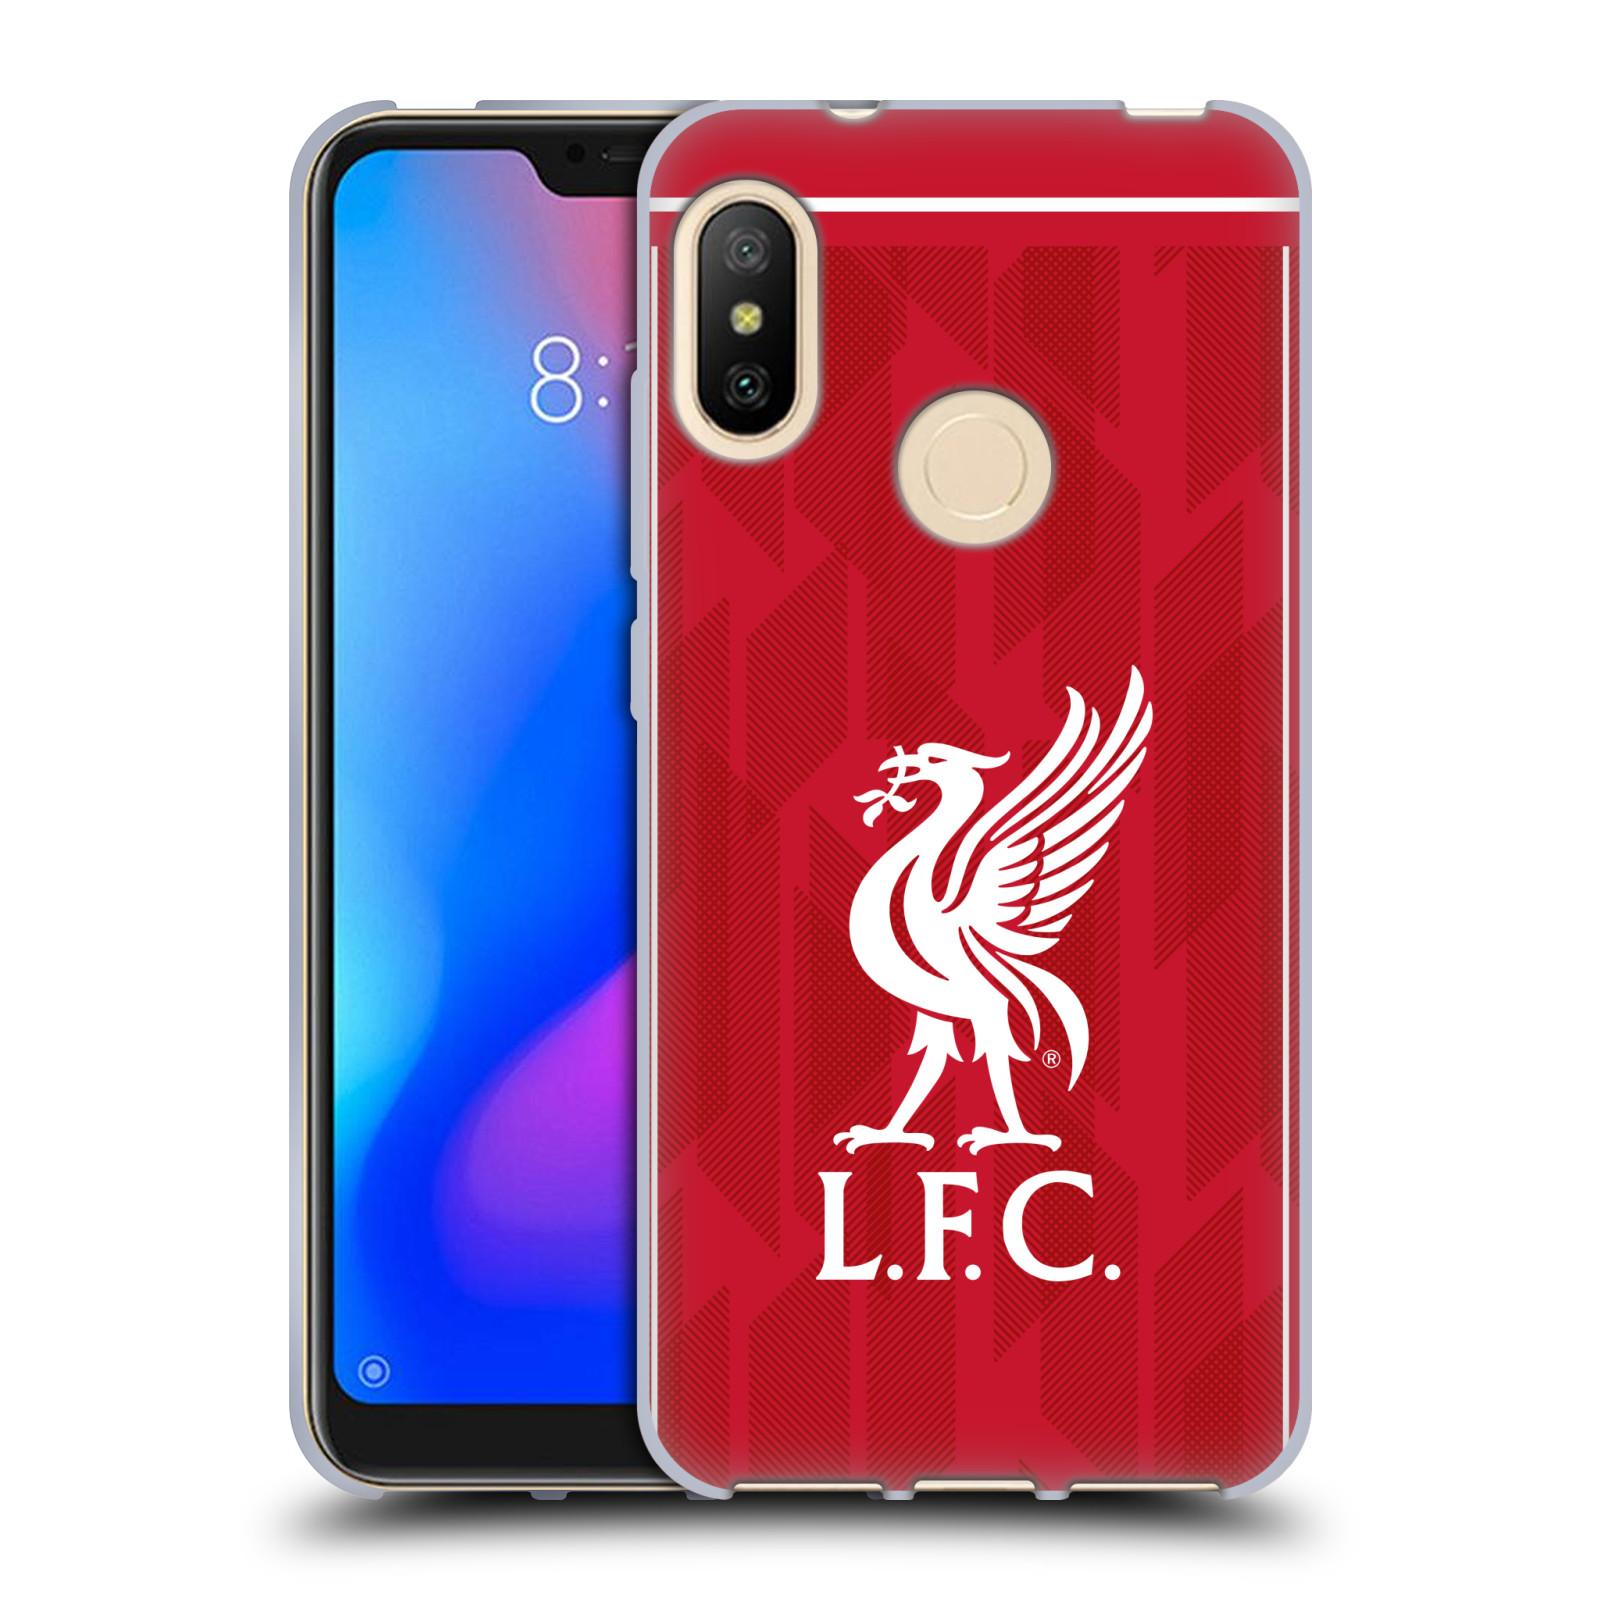 Silikonové pouzdro na mobil Xiaomi Mi A2 Lite - Head Case - Liverpool FC - L.F.C. Home kit